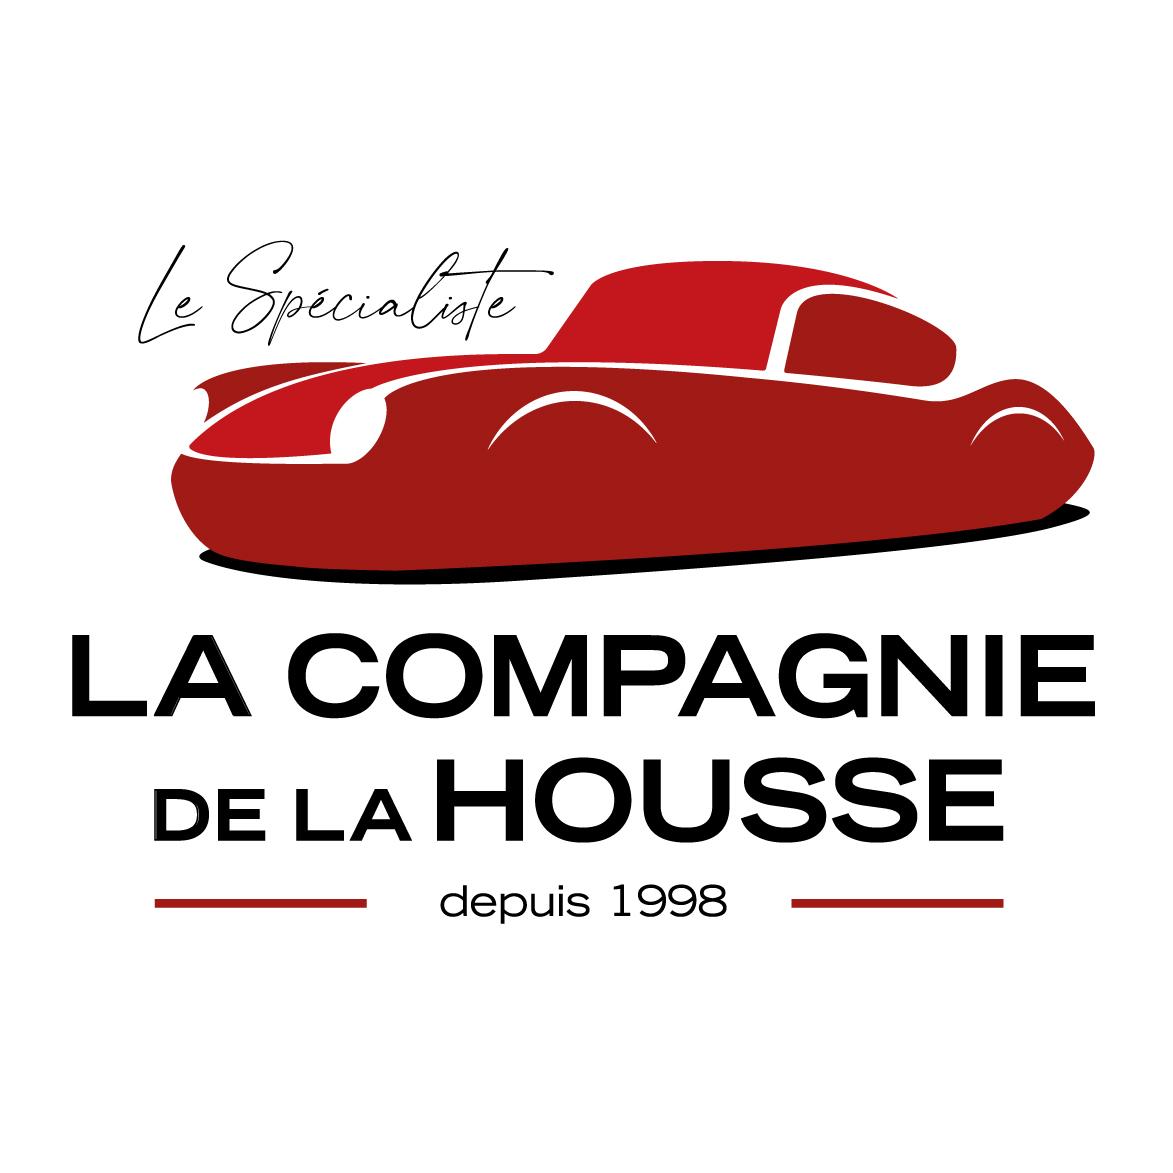 Compagnie de la Housse est distribué par Onefaktory Sasu